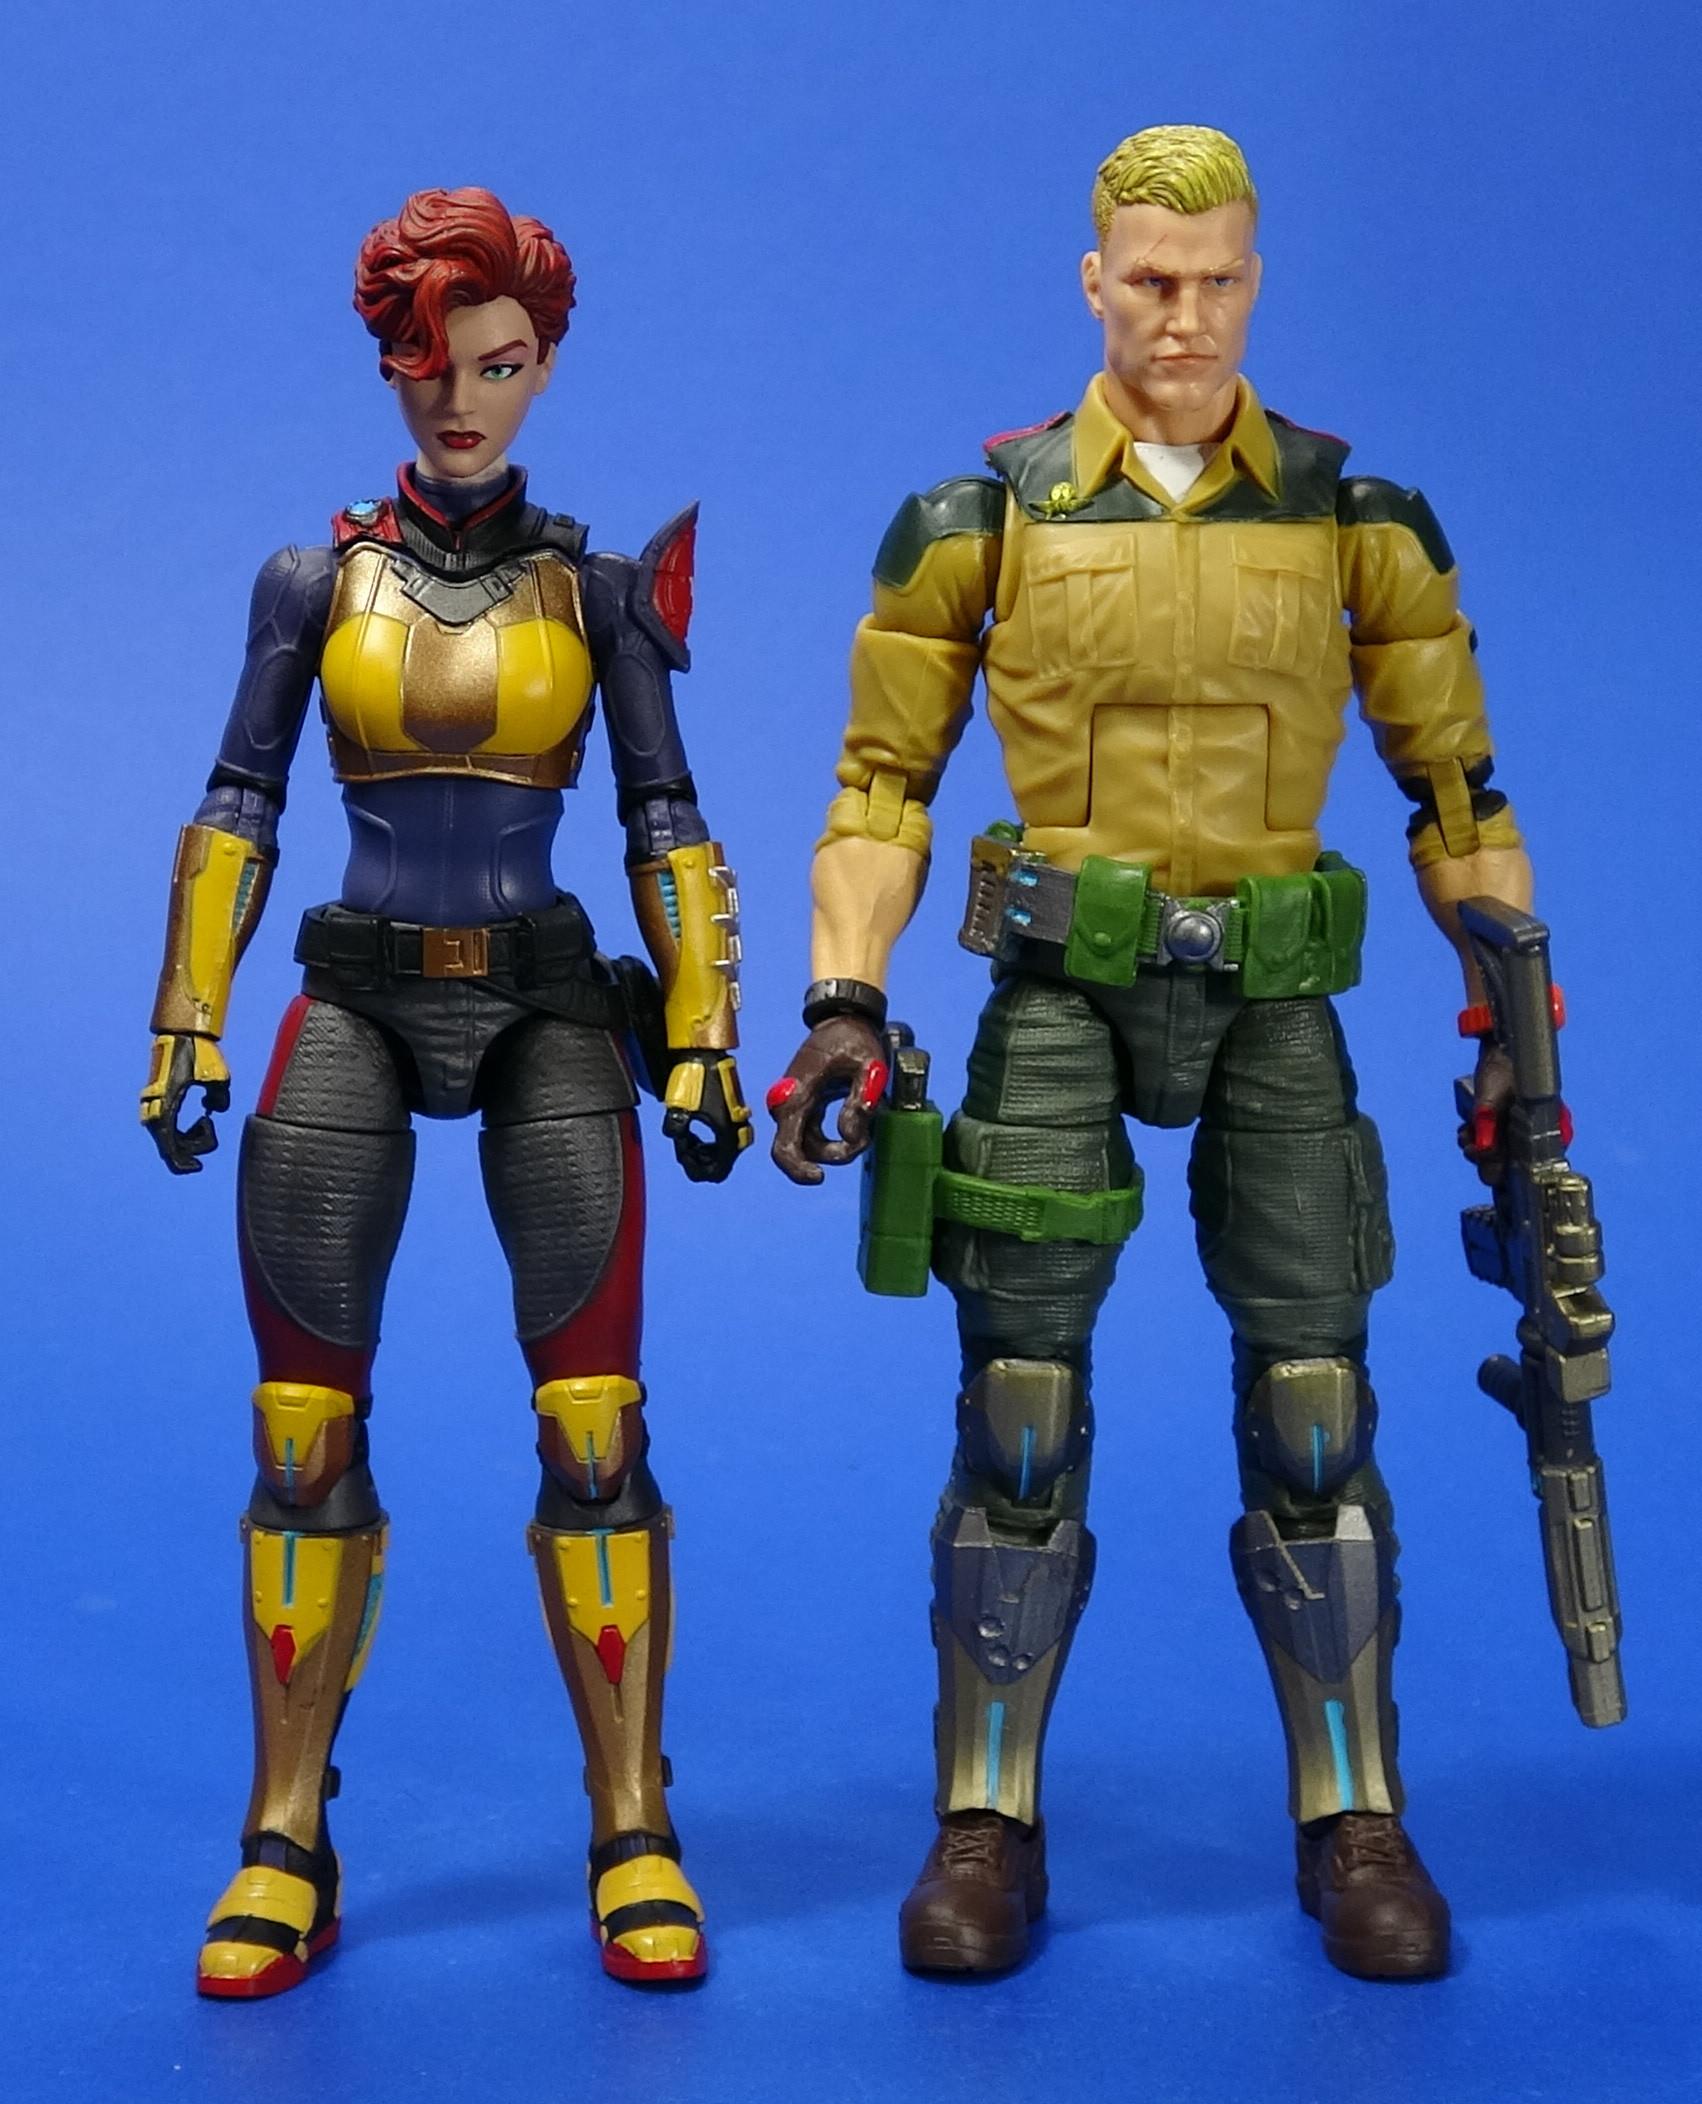 Scarlett G.I Joe Classified Series Action Figure